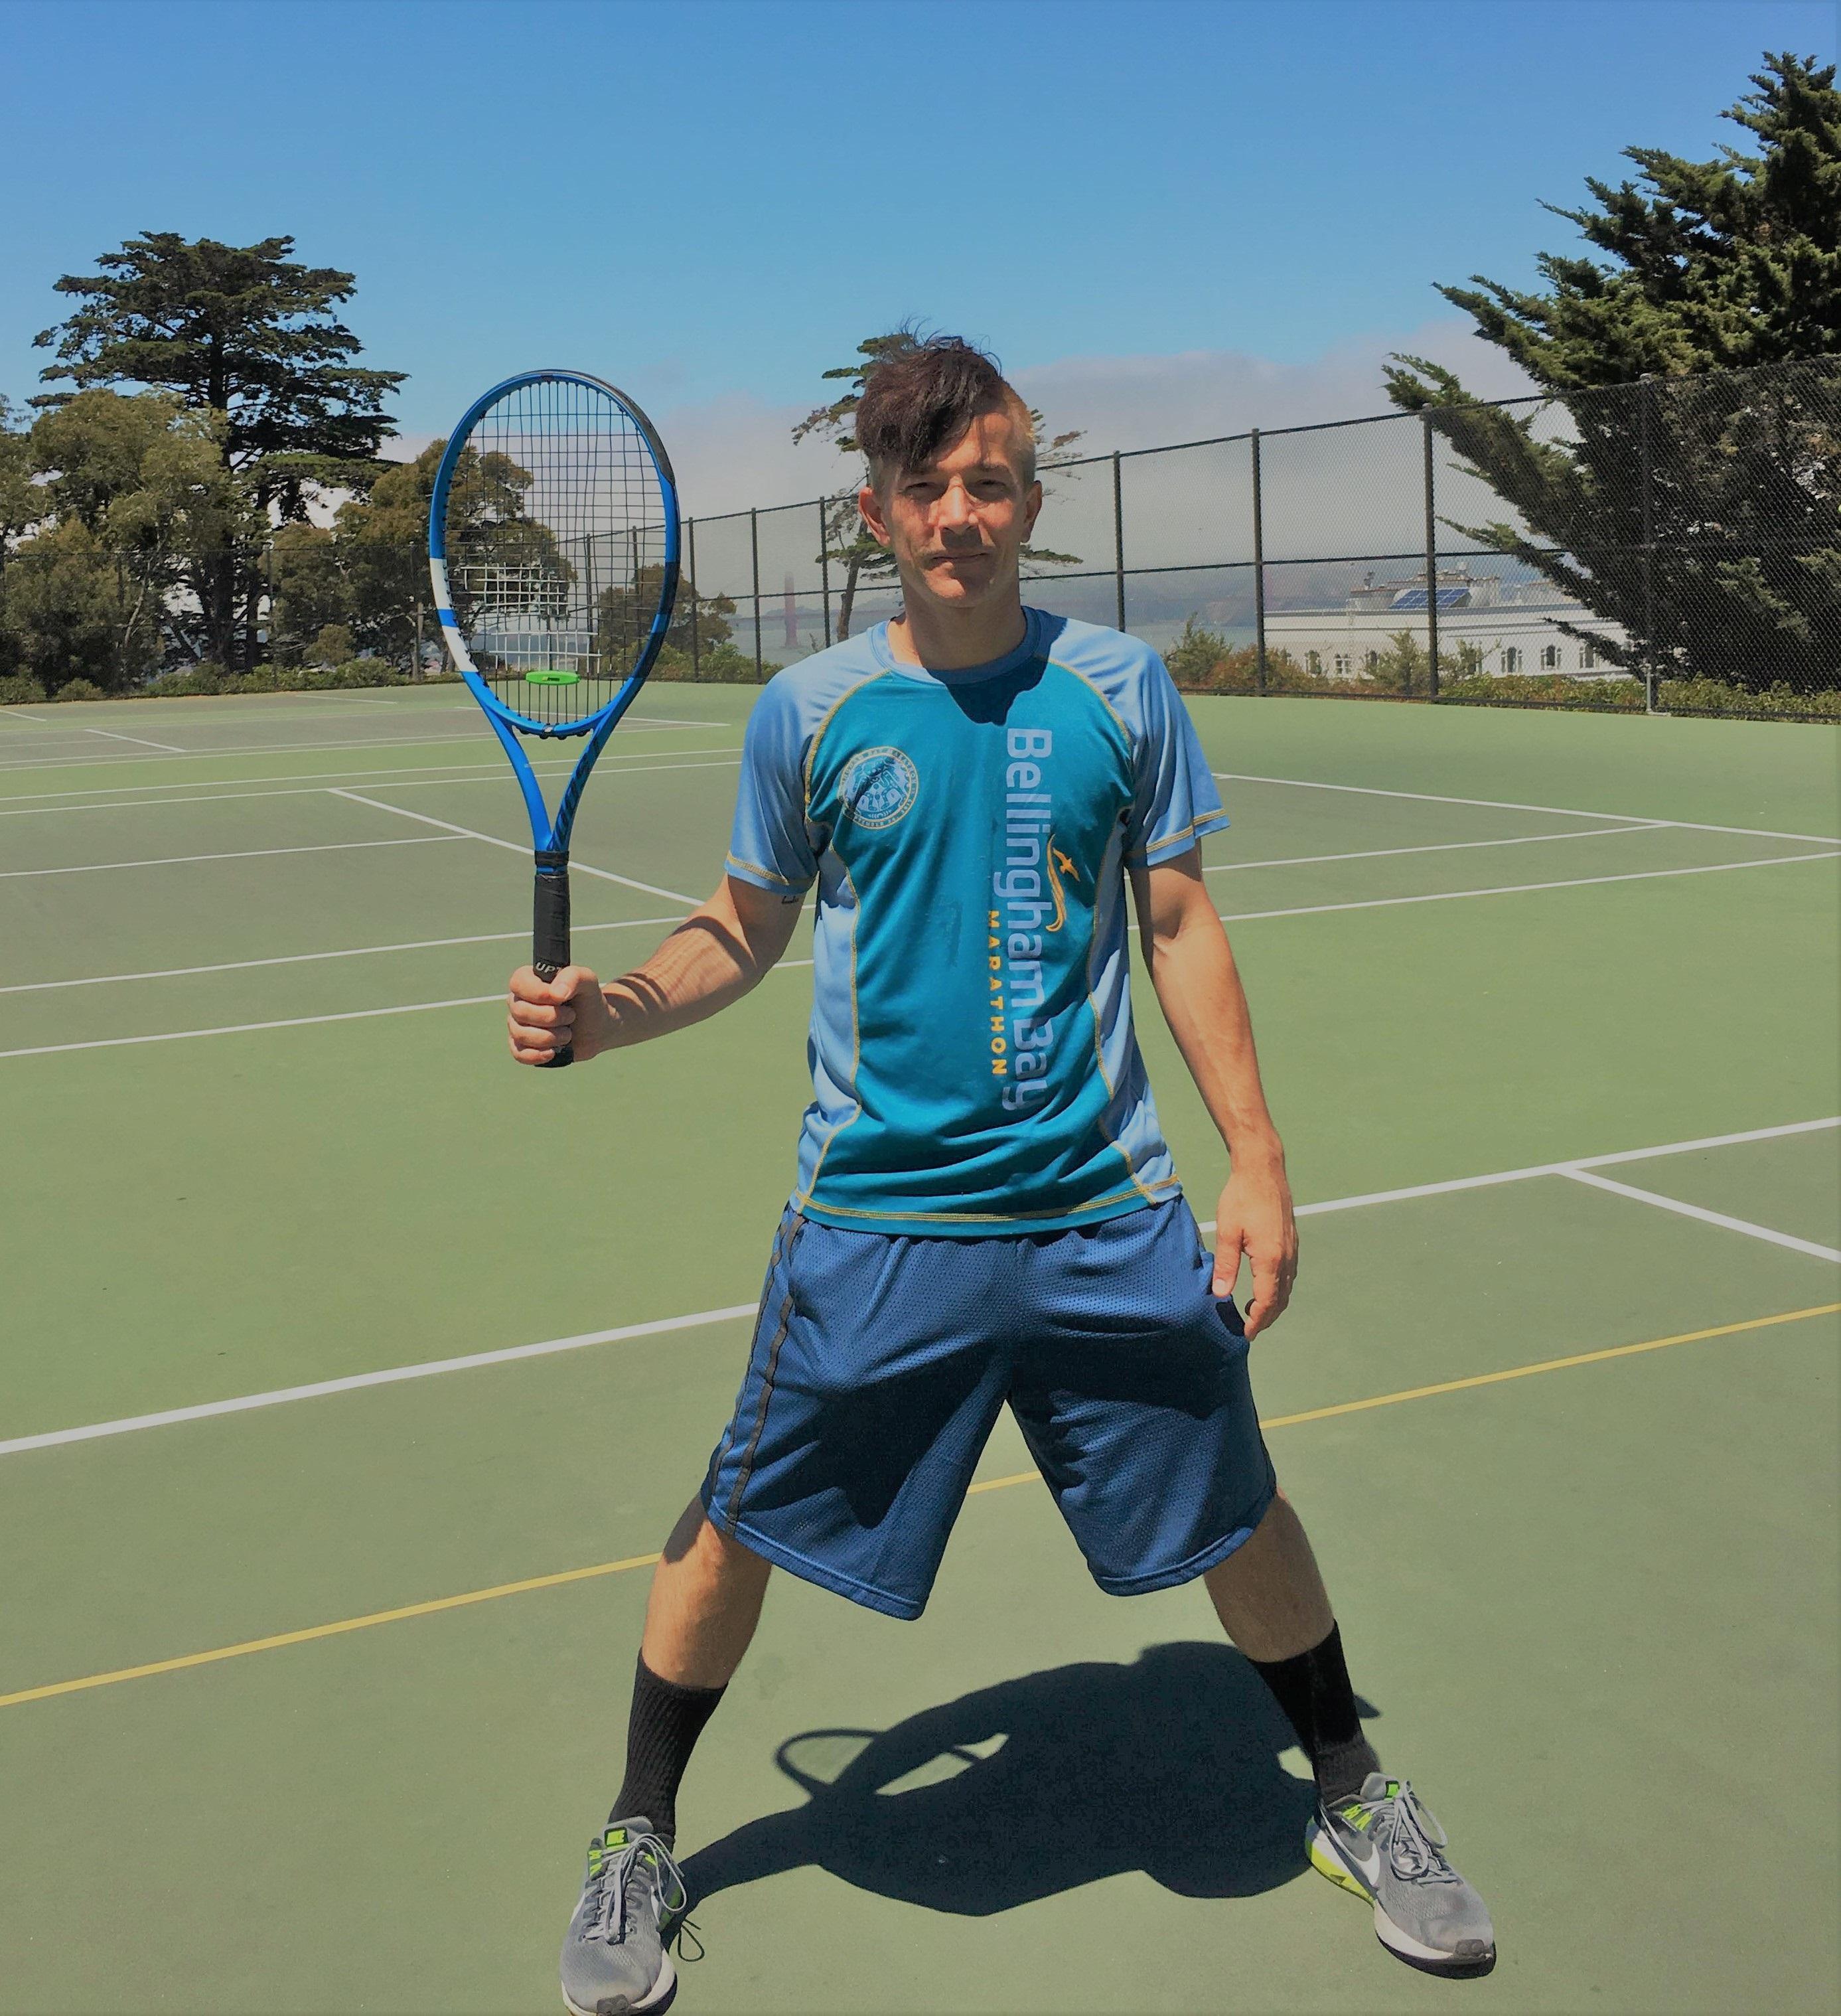 Russian_hill_rooftop_tennis_jpg_good